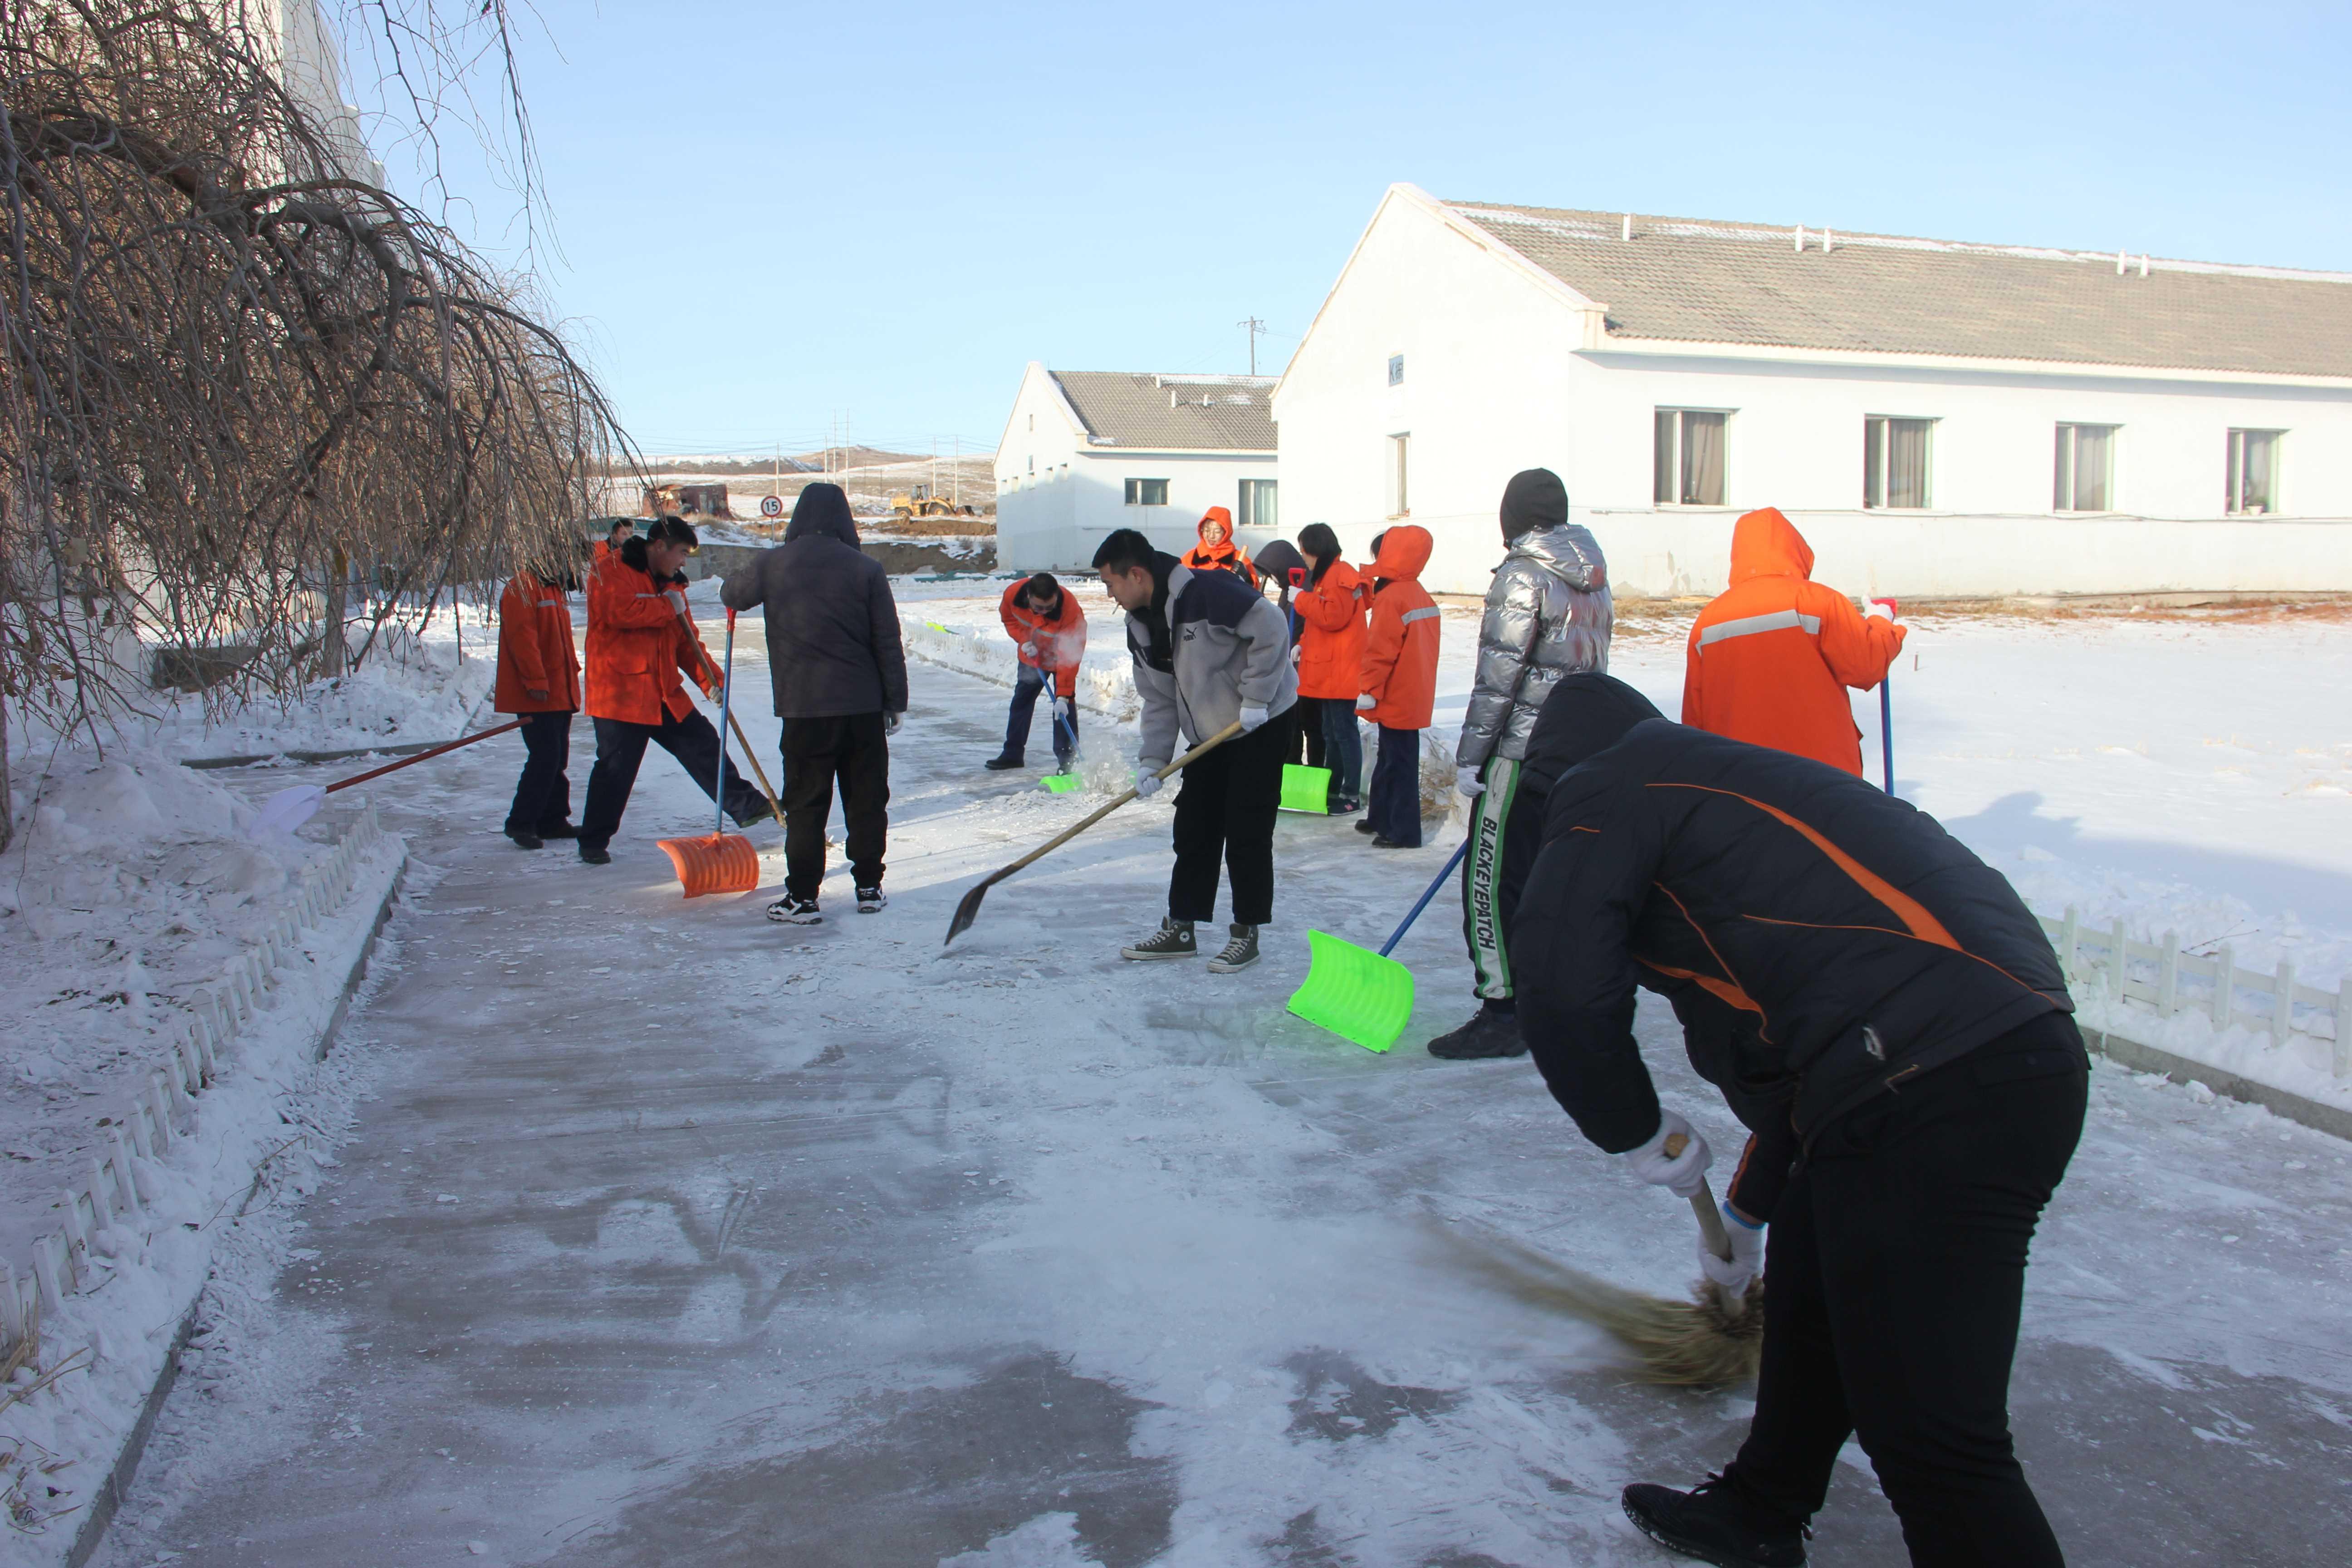 黨團員做表率鏟雪除冰進行時-鏟雪除冰7